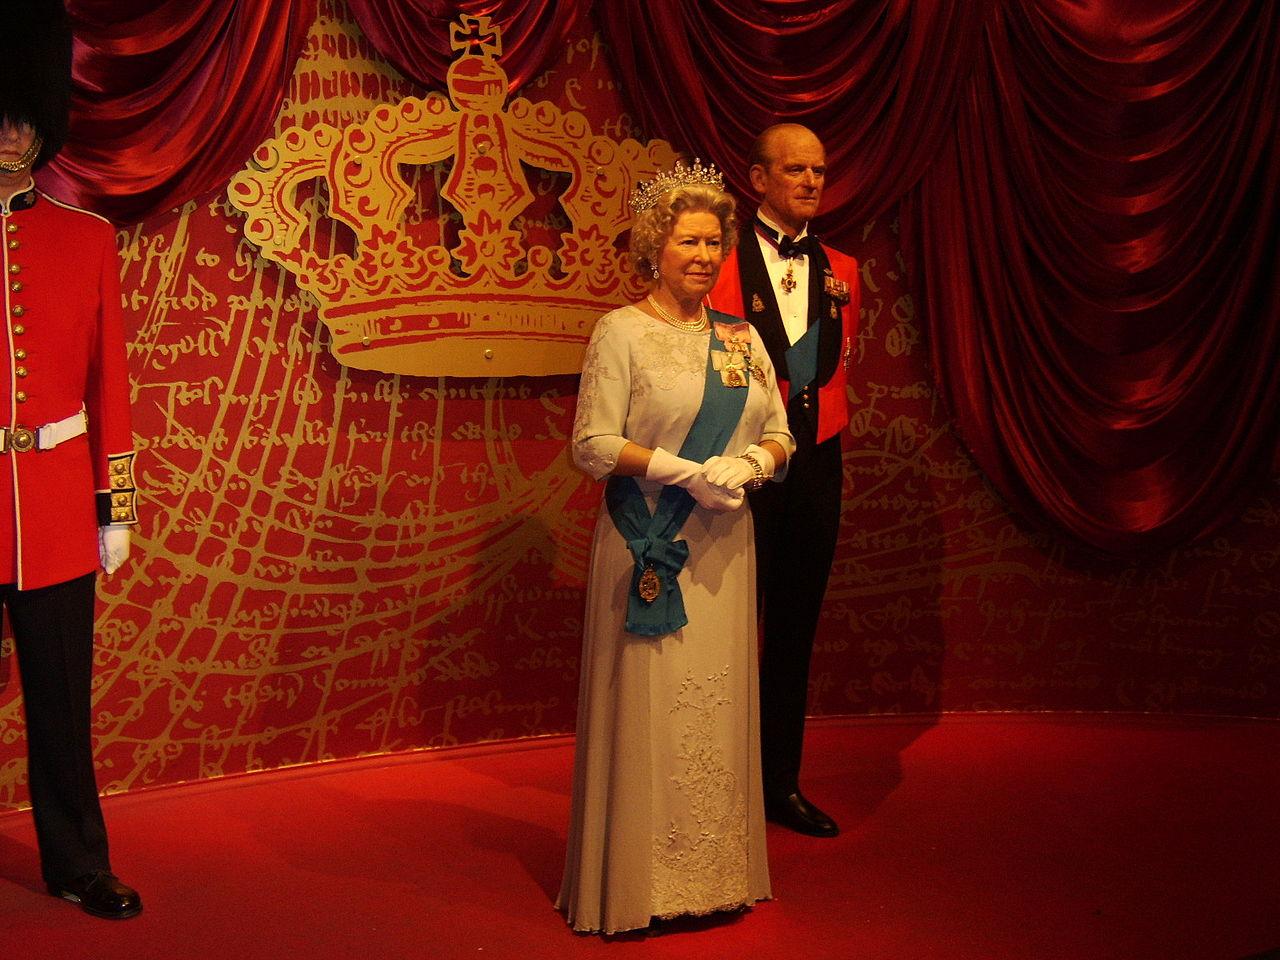 Музей мадам Тюссо в Лондоне, королевская чета